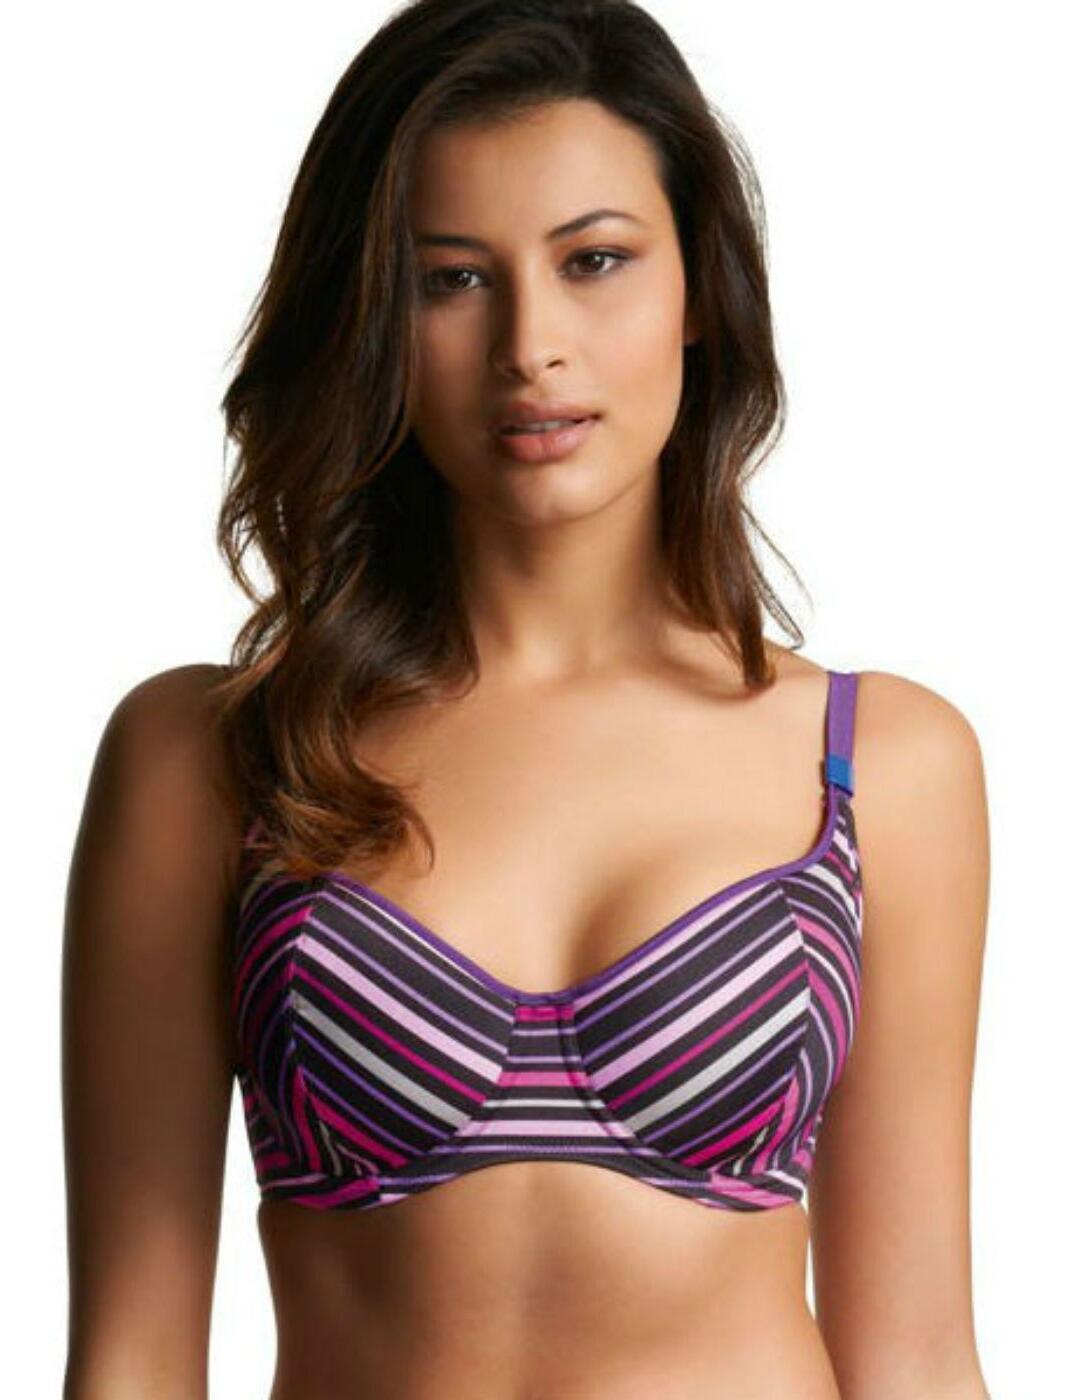 5709 Fantasie Costa Rica Padded Bikini Top  - 5709 Bikini Top